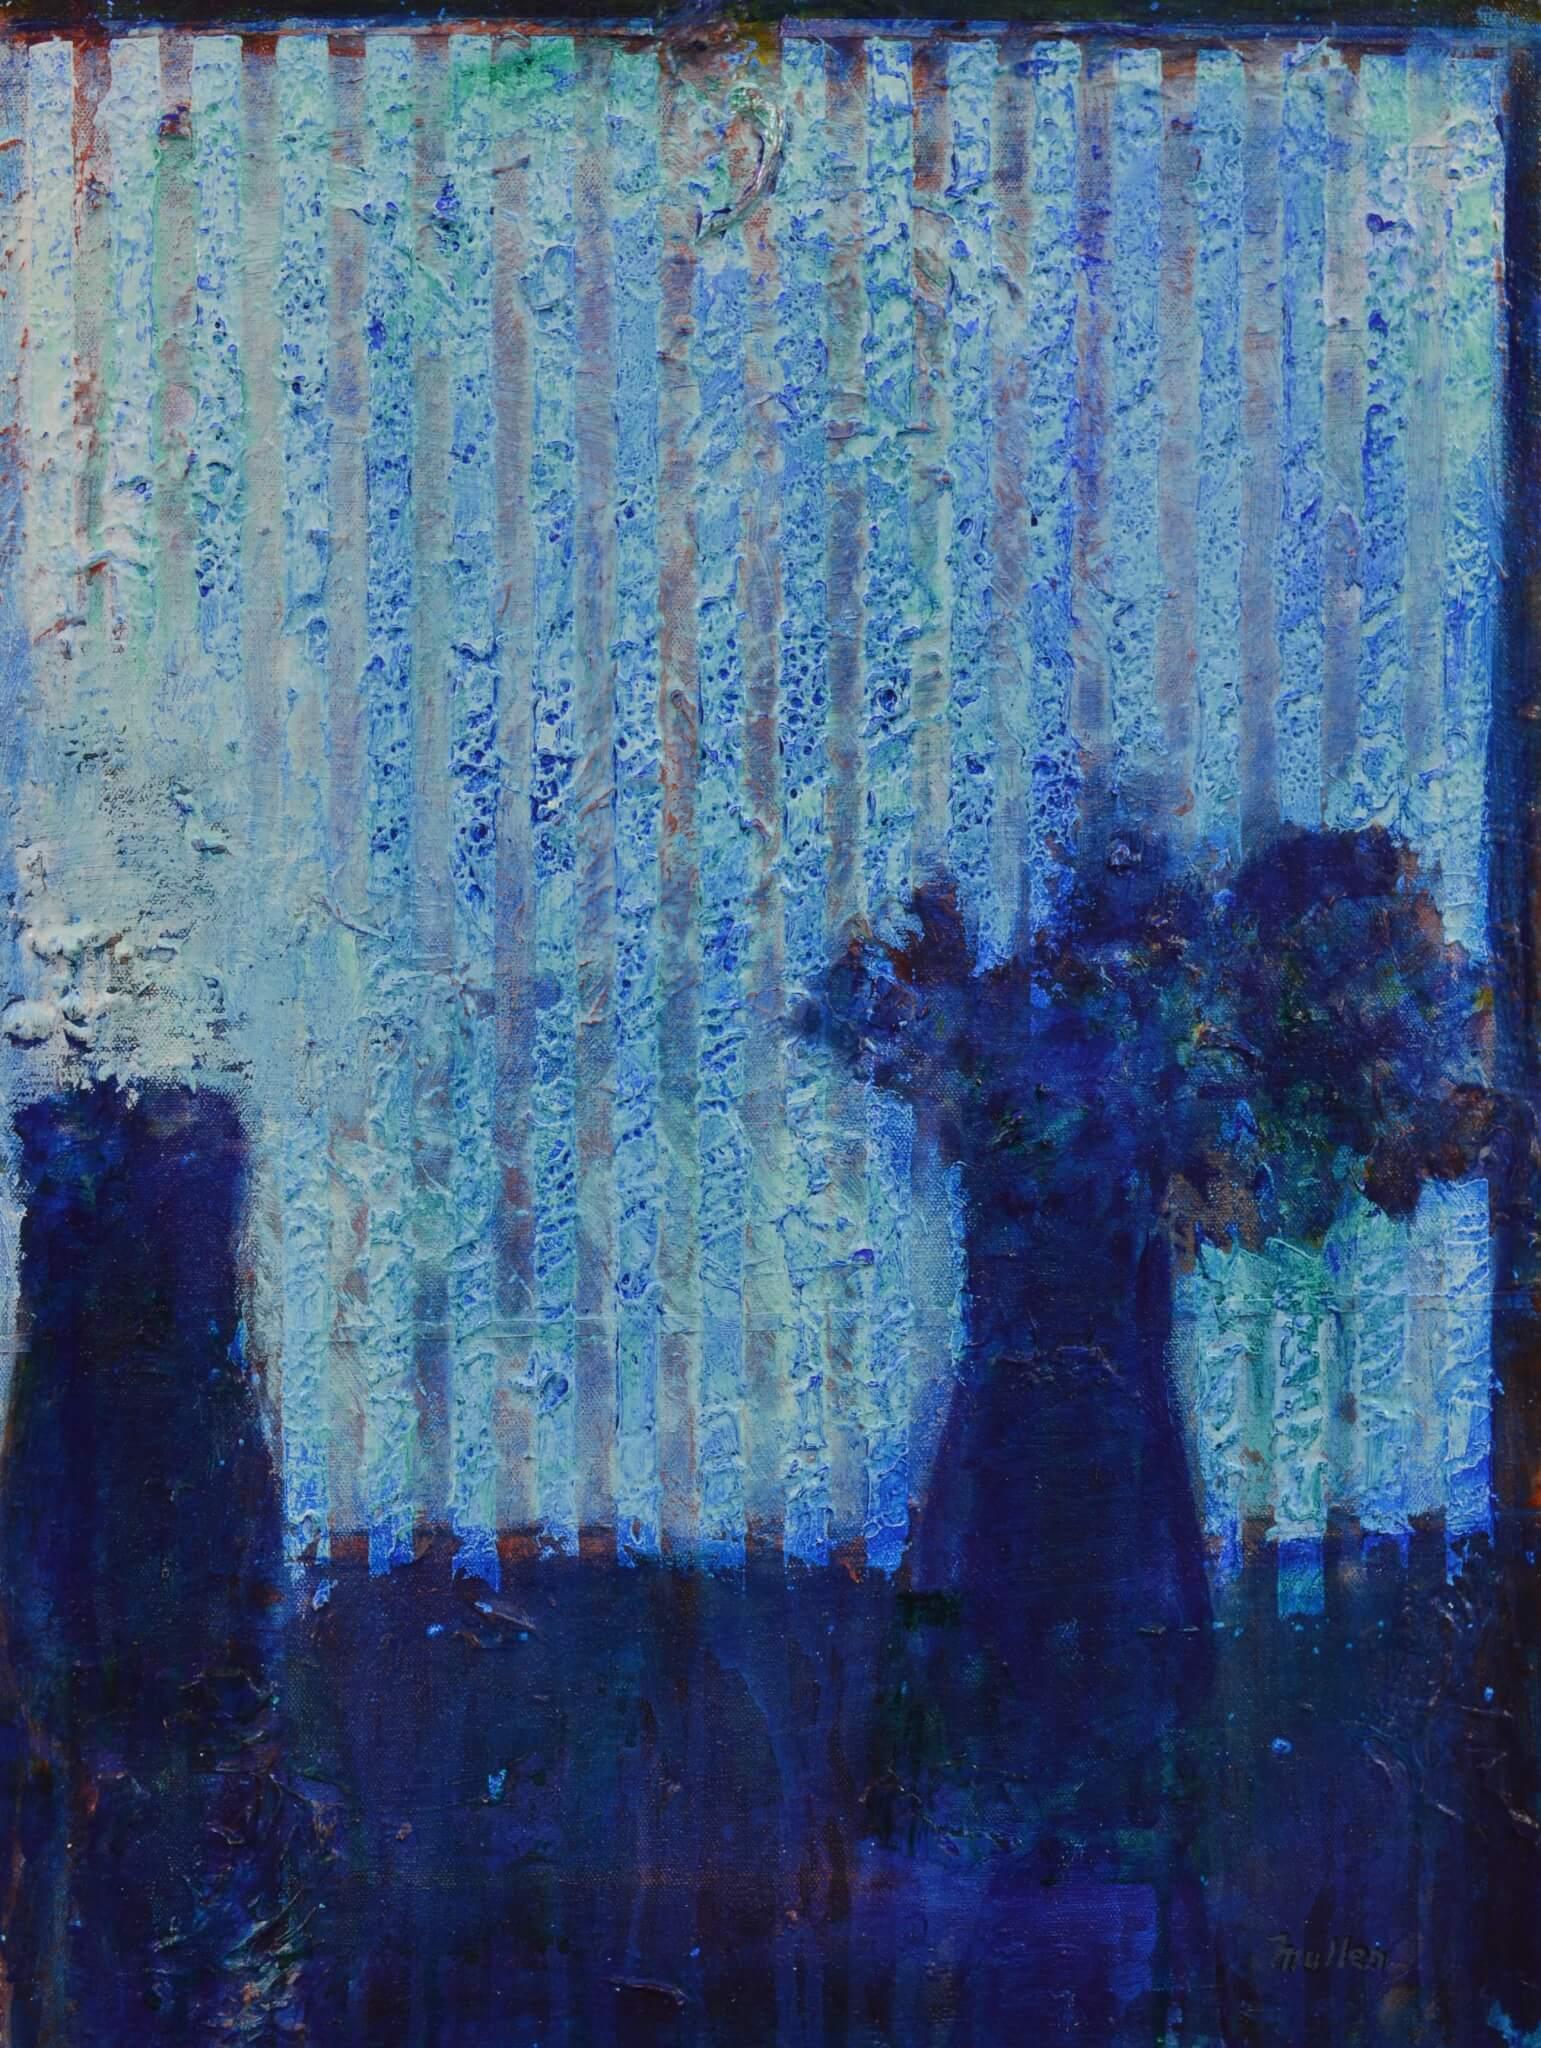 36B_Blue Light #2_24x18_Oct 2019